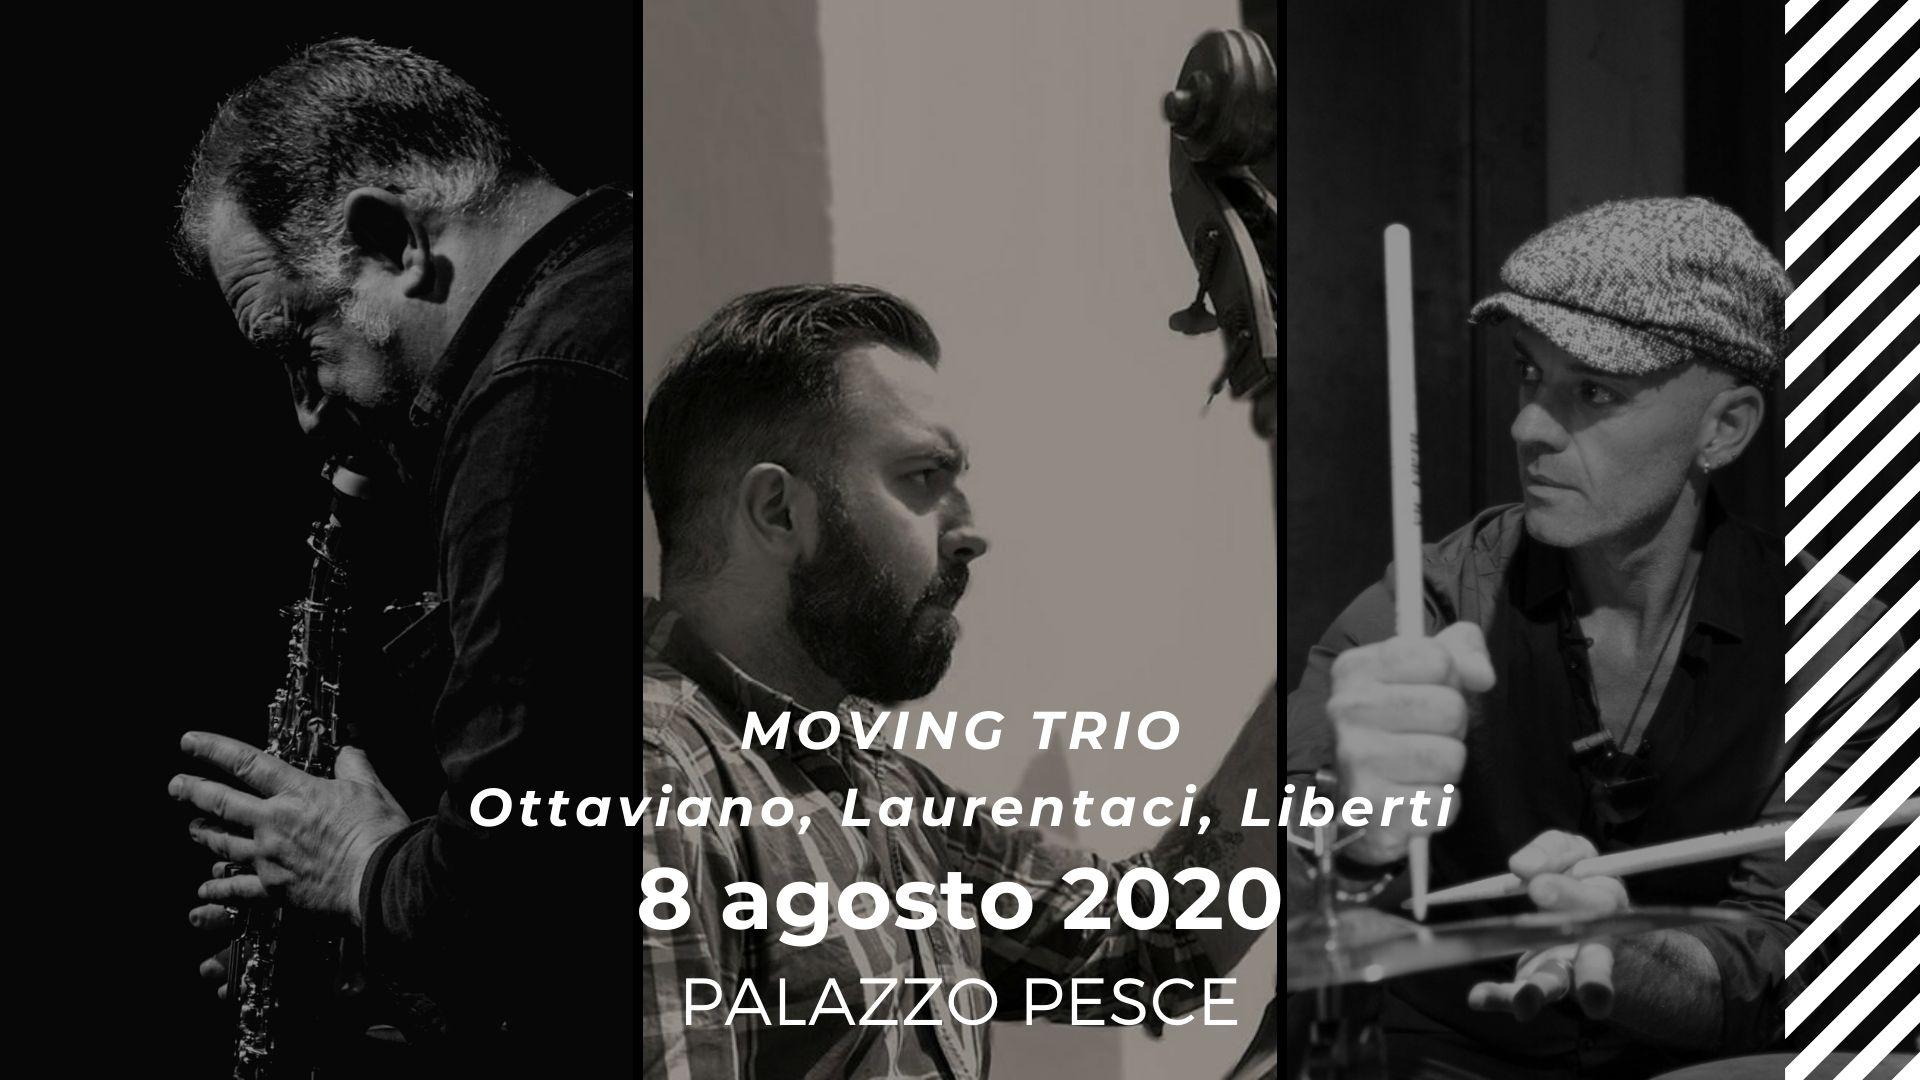 8 agosto 2020 Moving Trio a Palazzo Pesce